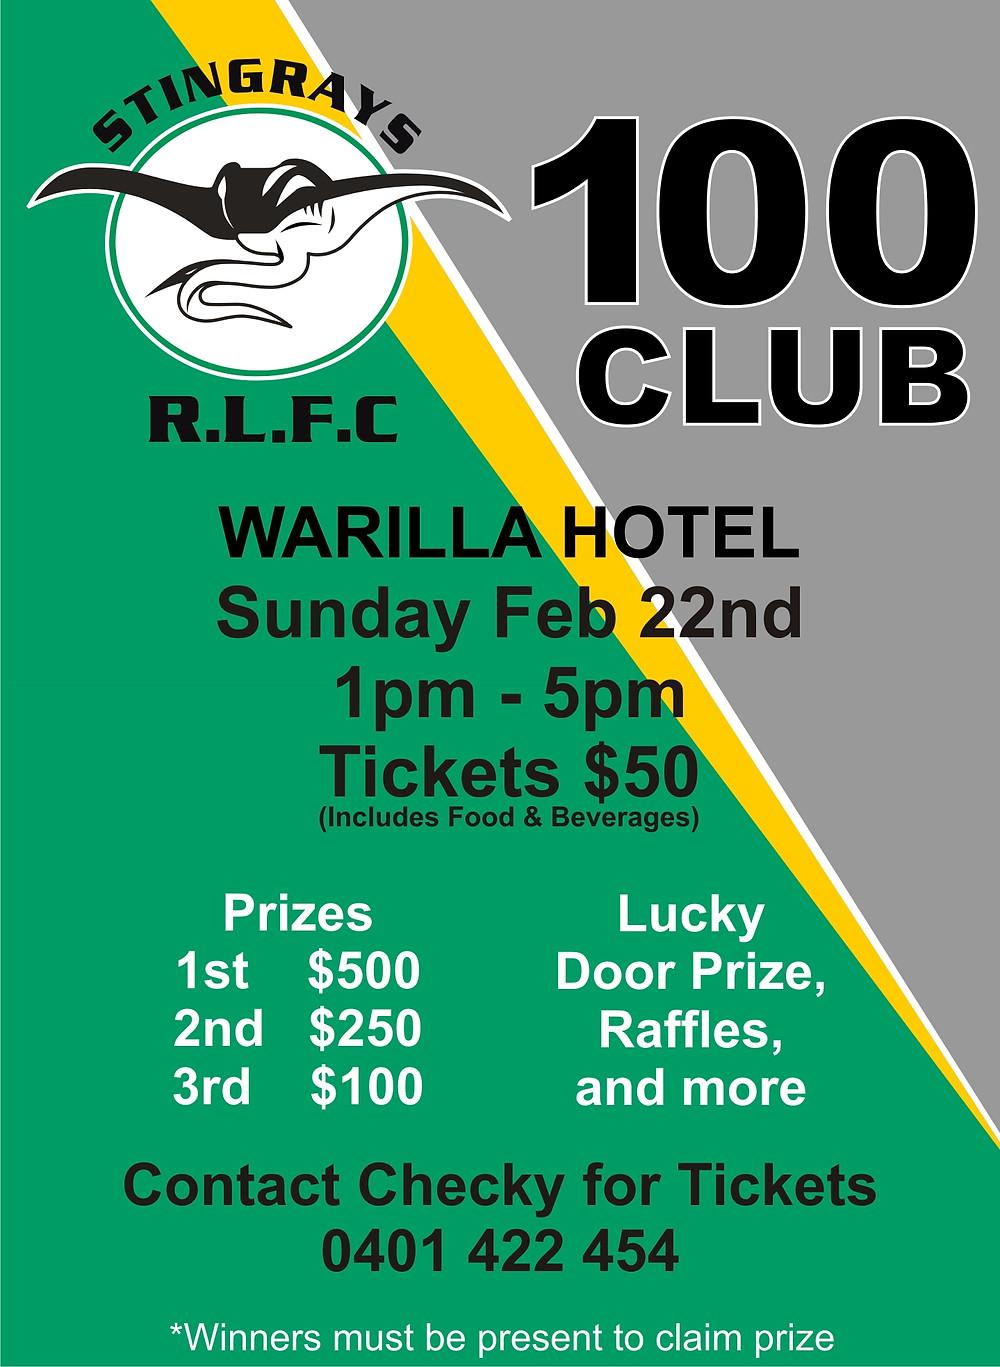 Stingrays 100 Club